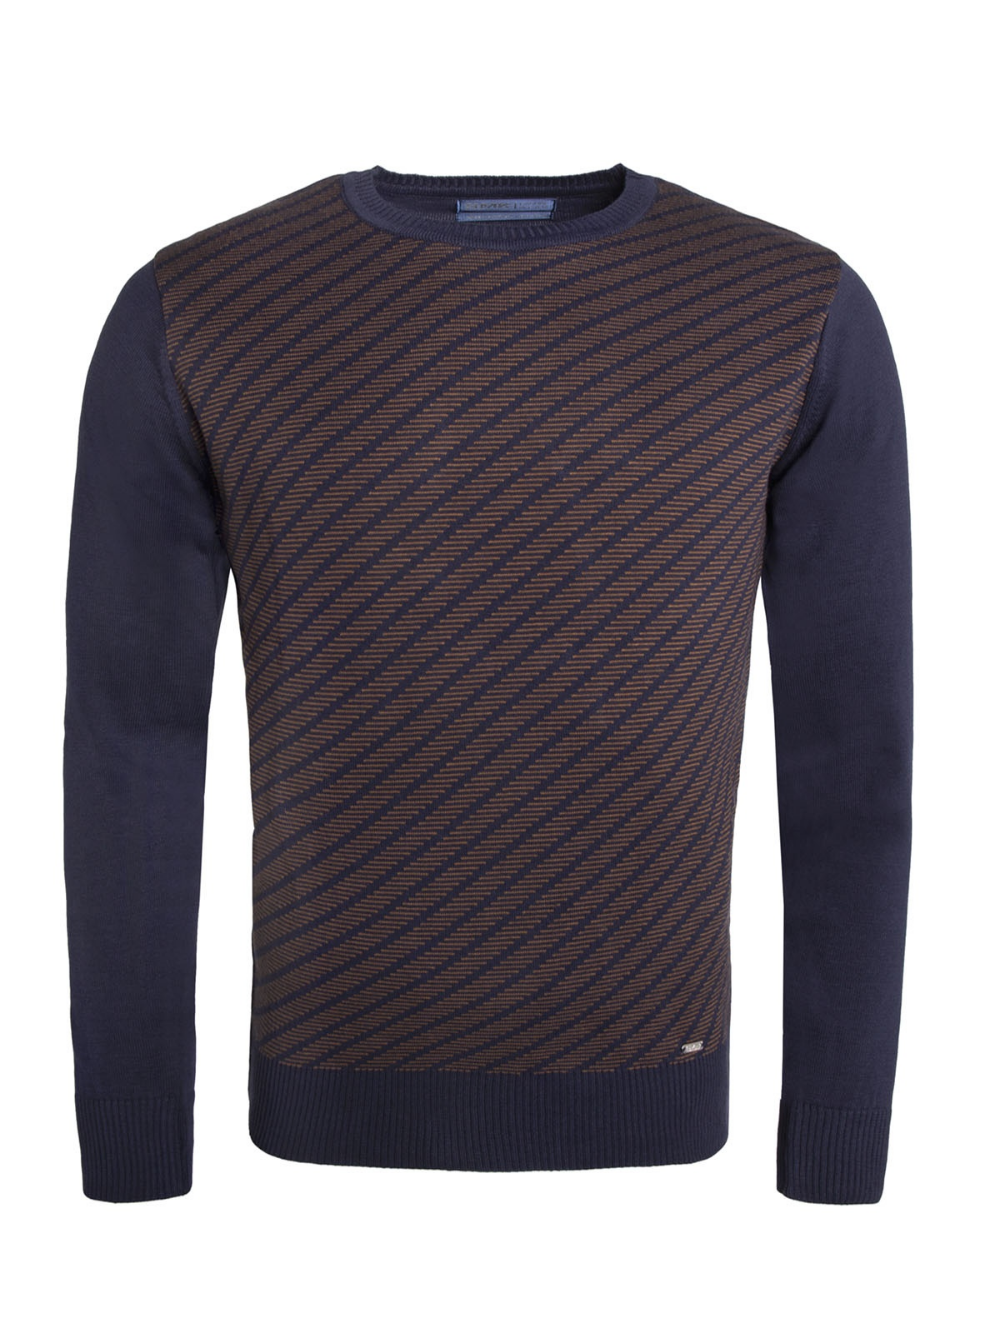 Smk Denim Co Camisola Smk Diagonal Str In 2020 Knit Men Men Sweater Mens Fashion [ 1333 x 1000 Pixel ]